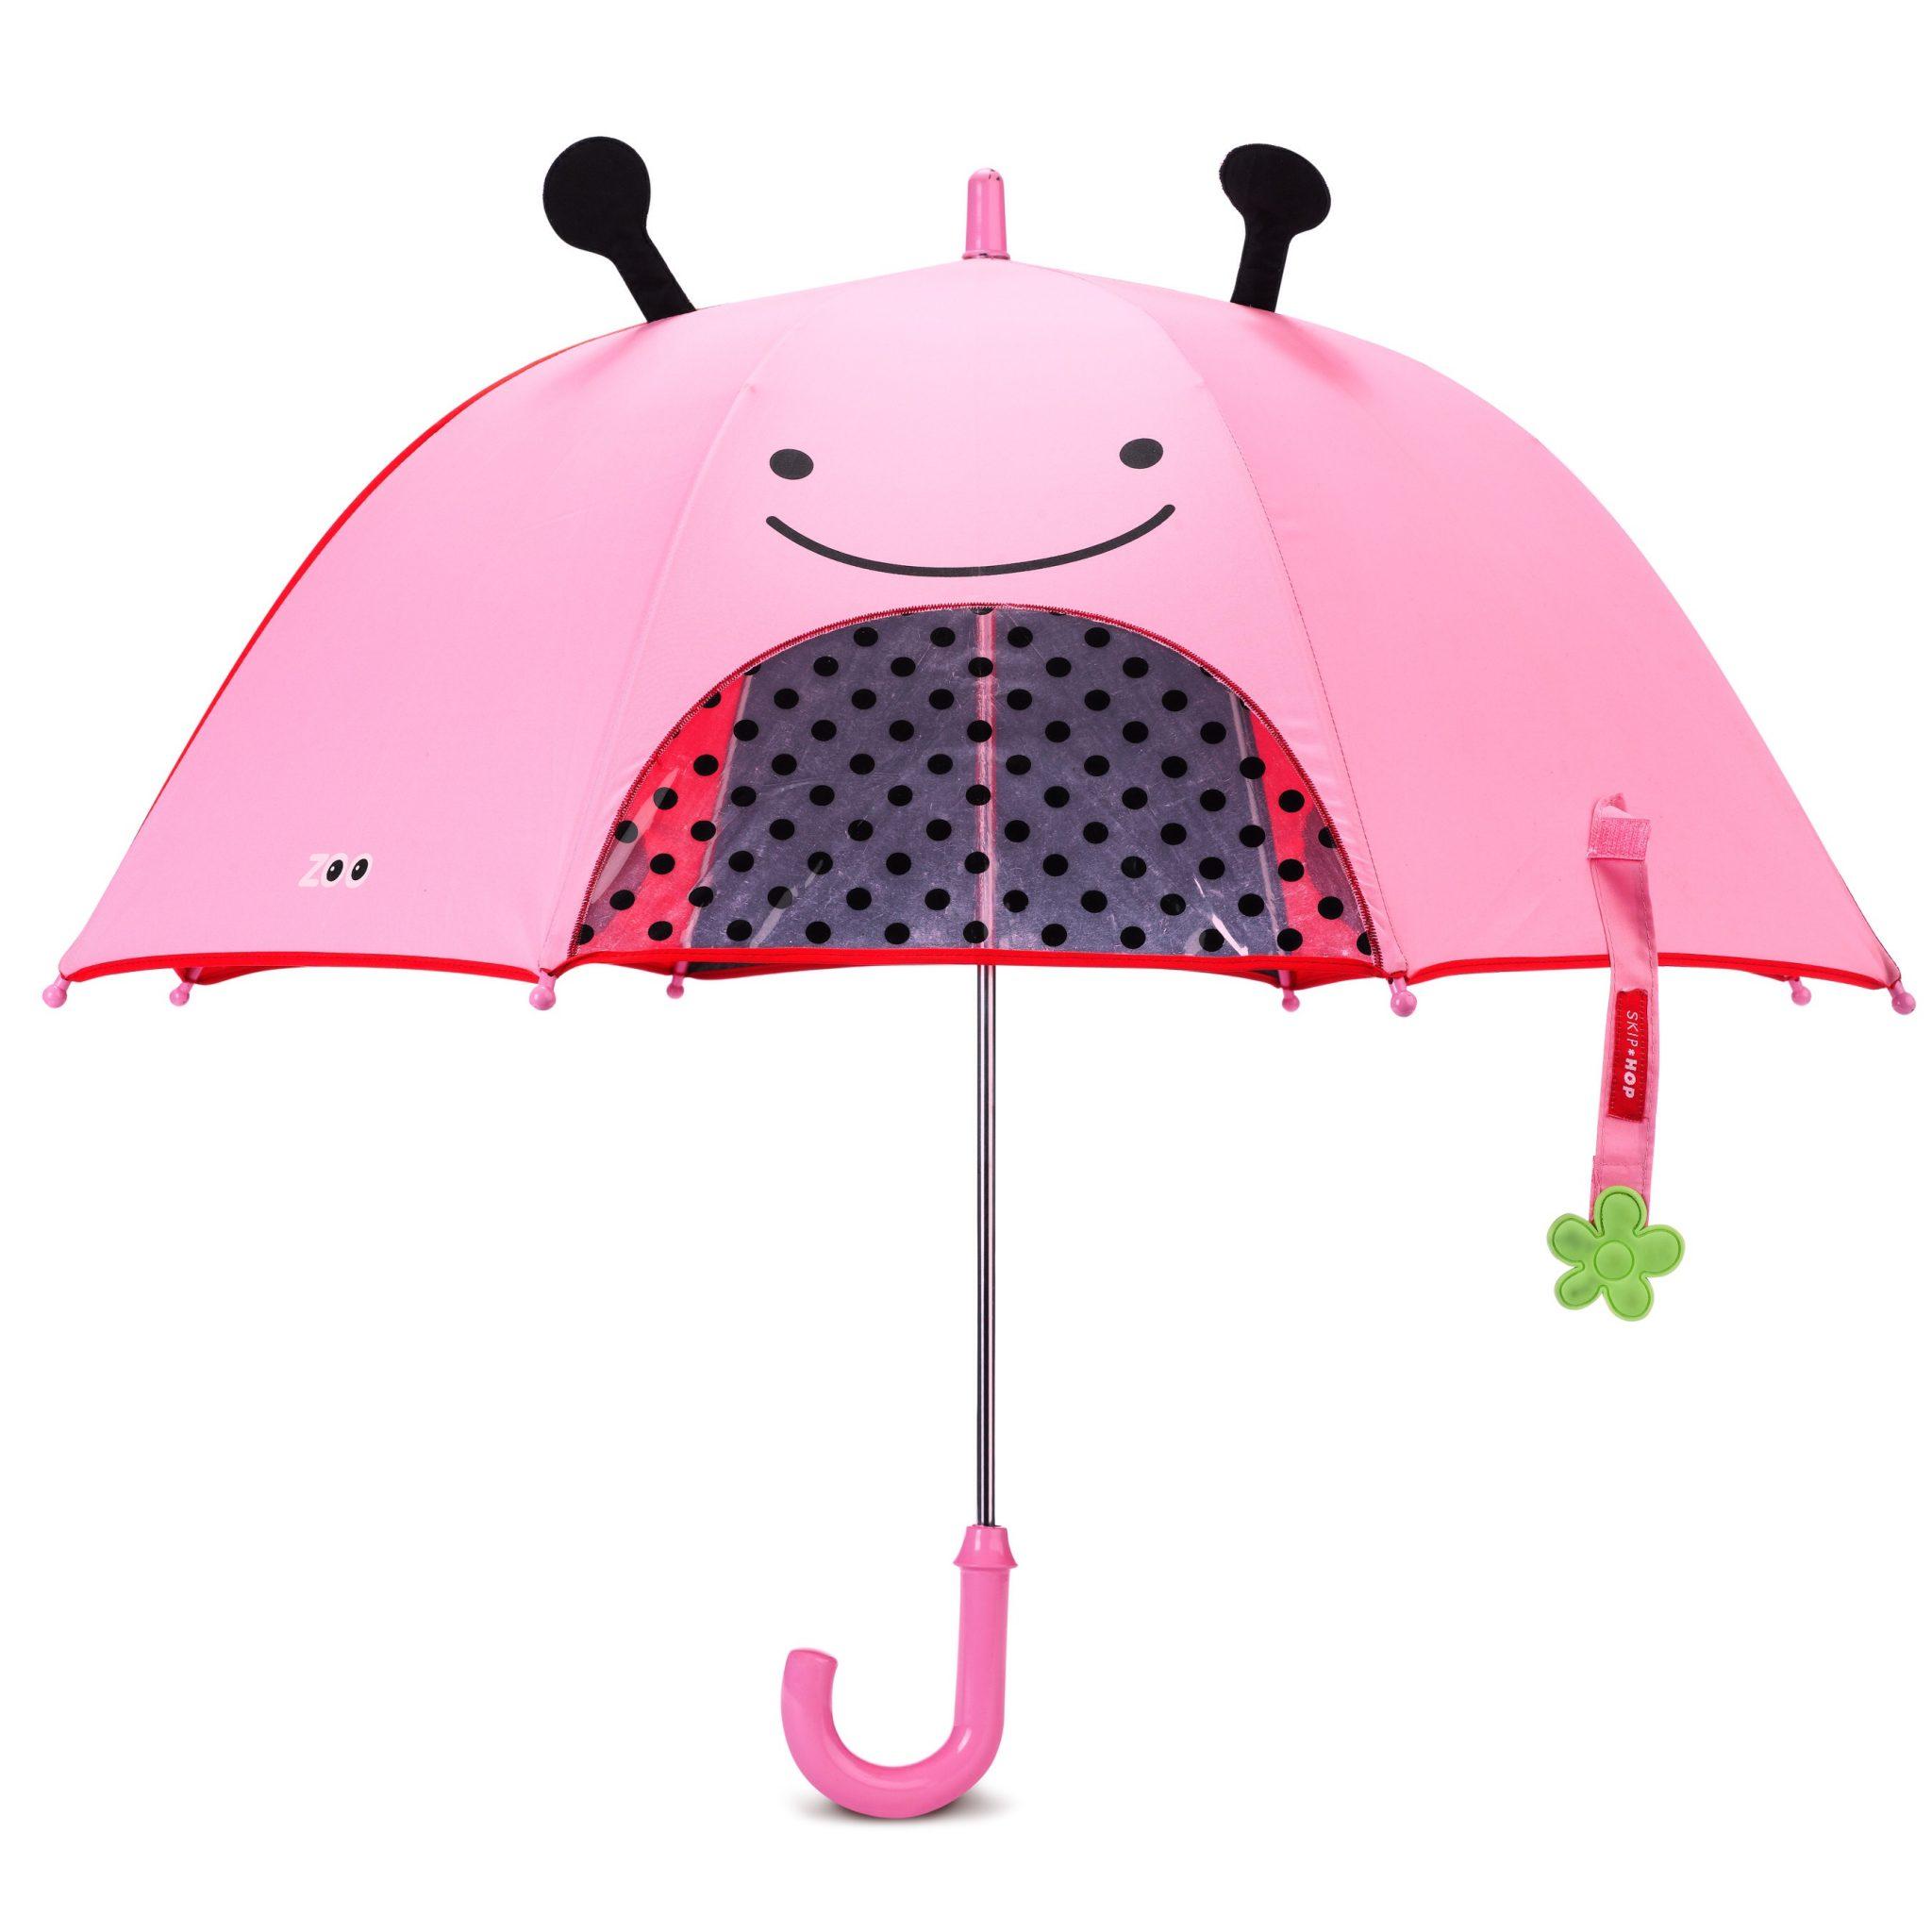 ZOOBRELLA-little-kid-umbrella